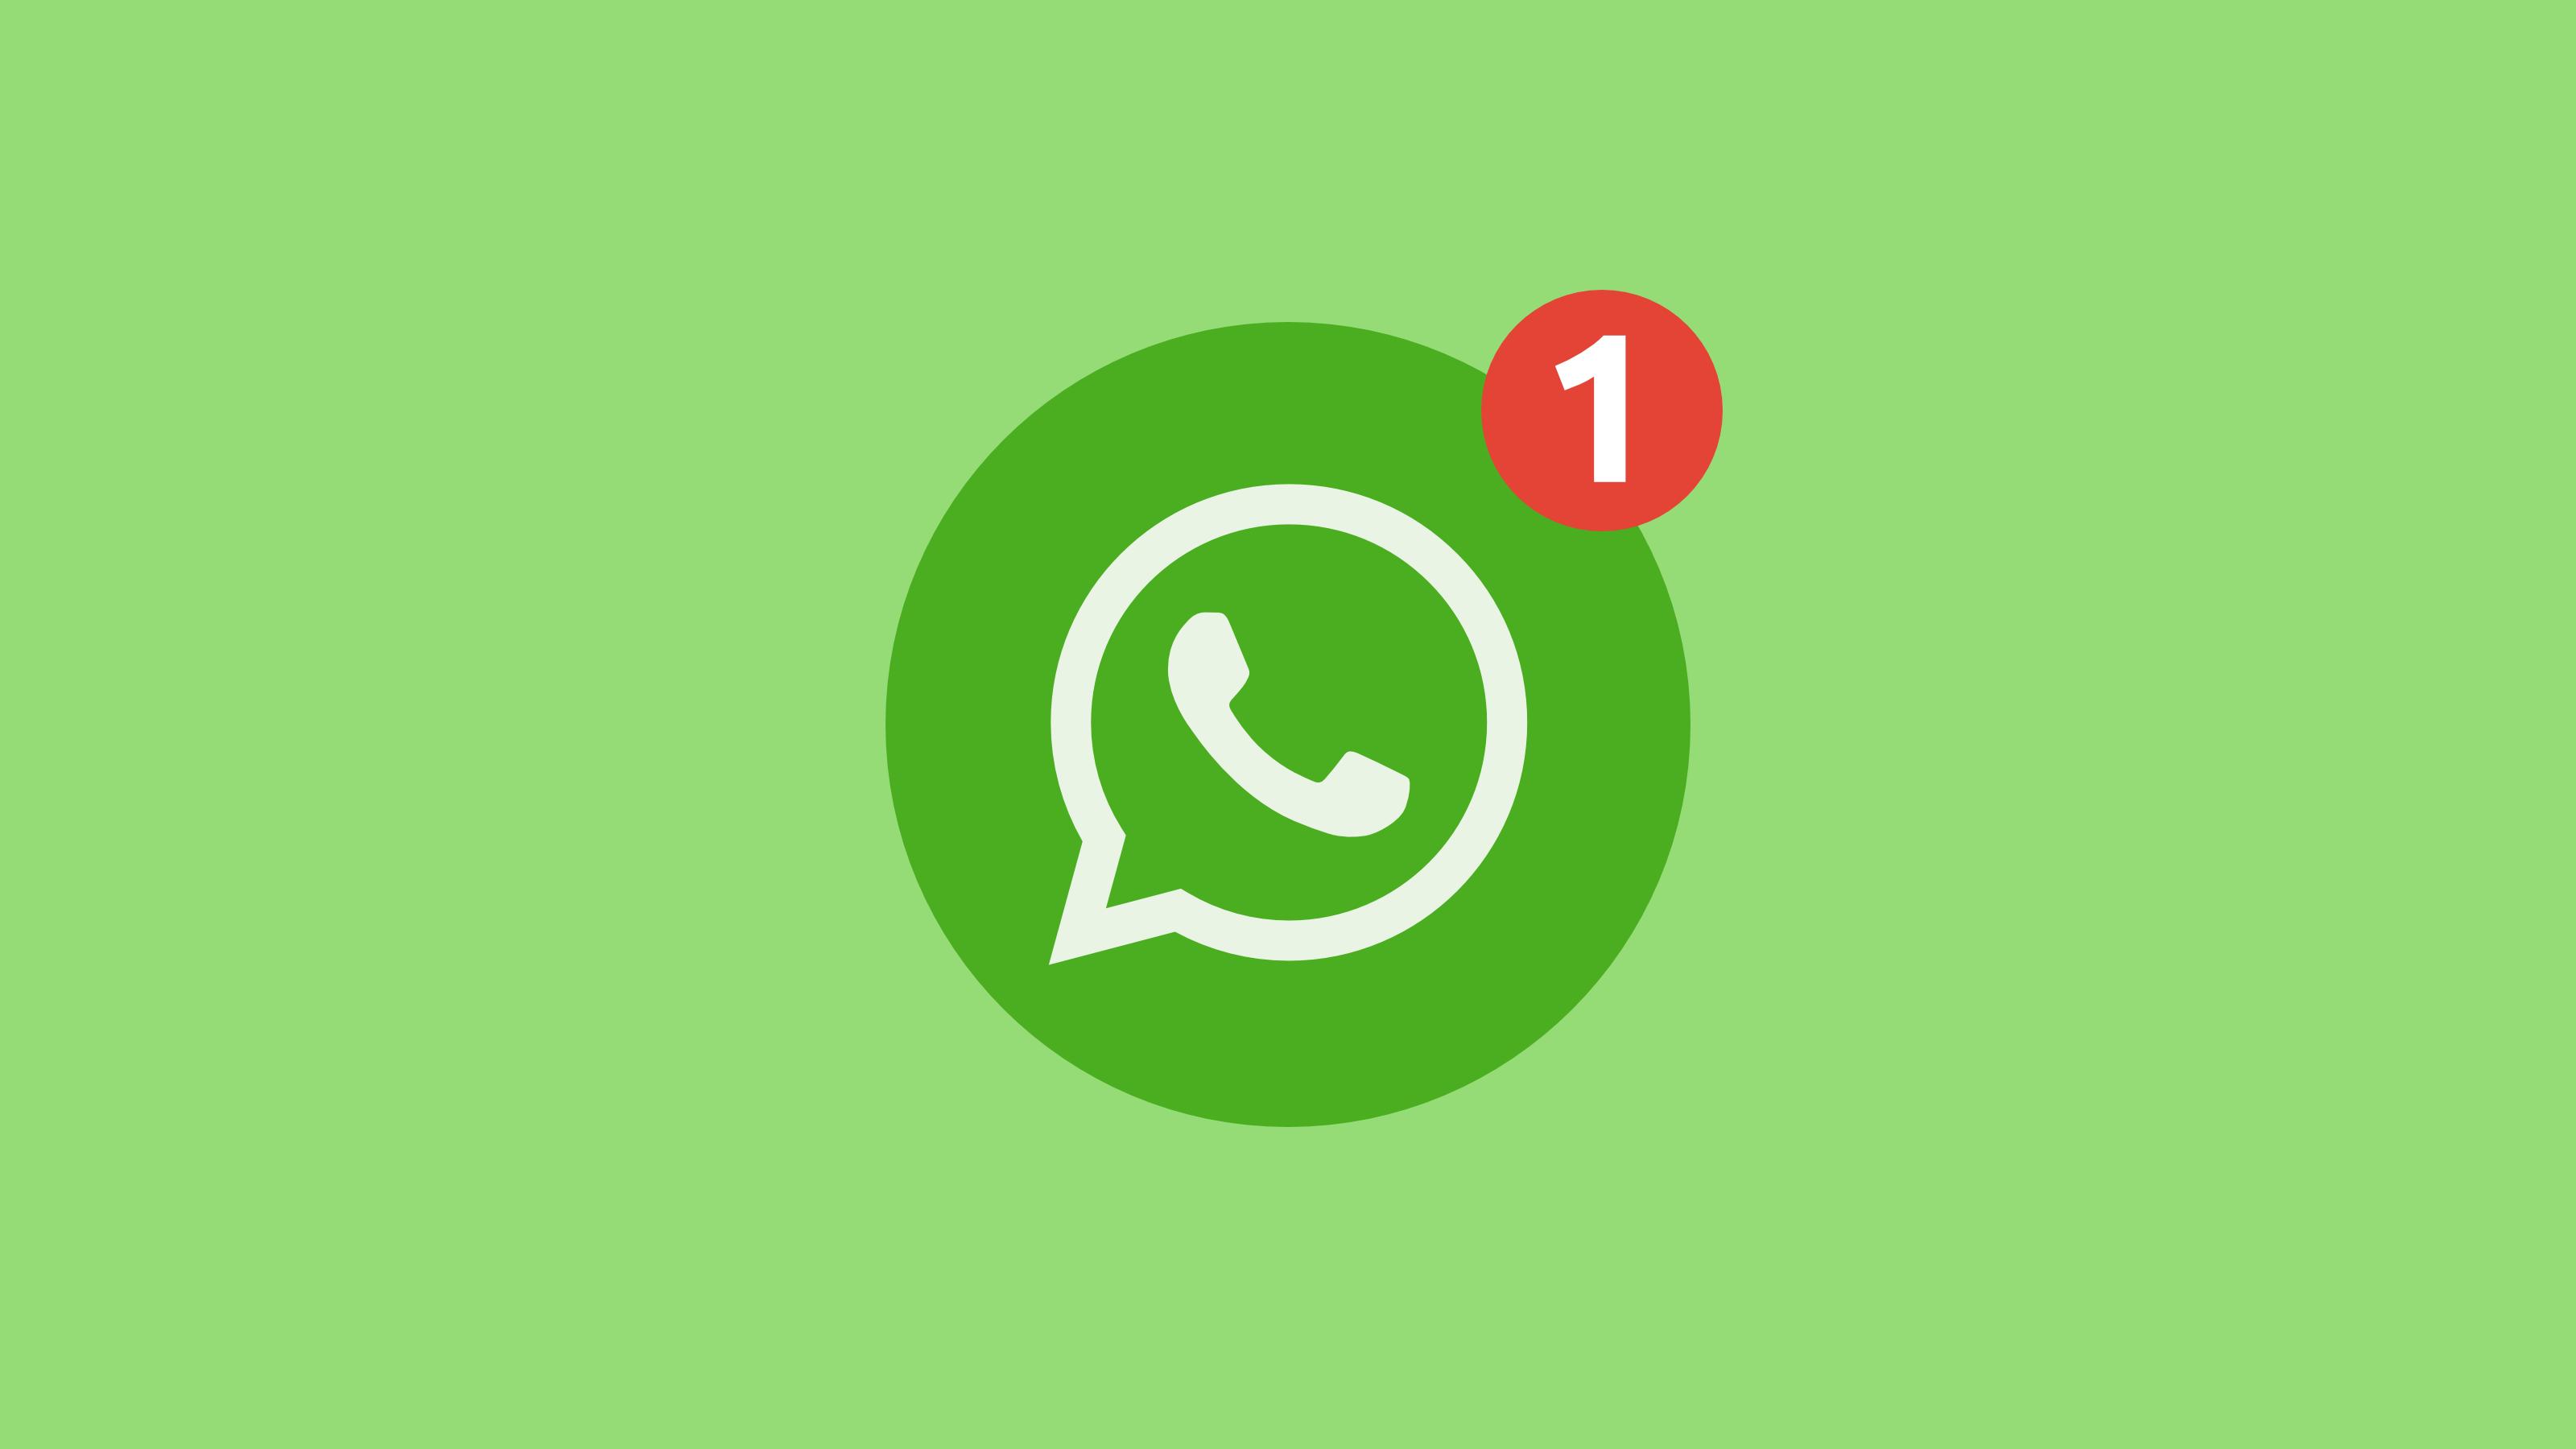 WhatsApp limitará funcionalidades para quem não aceitar novas regras |  Jornal A Voz da Serra